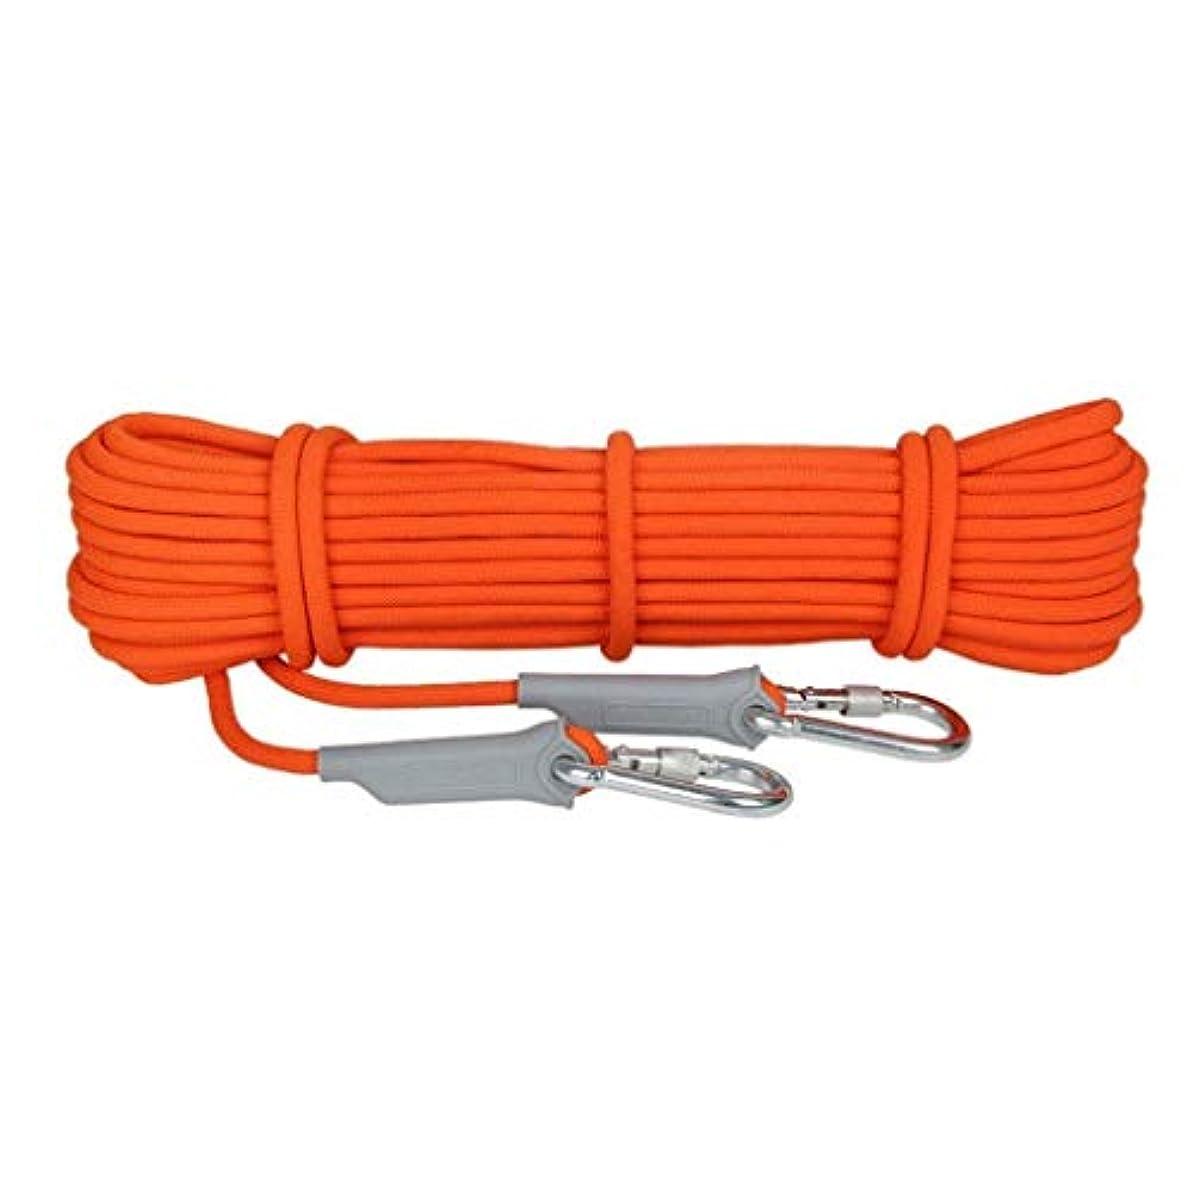 入手しますベイビー国民投票登山ロープの家の火の緊急脱出ロープ、ハイキングの洞窟探検のキャンプの救助調査および工学保護のための多機能のコードの安全ロープ。 (Color : 8.5mm, Size : 15m)